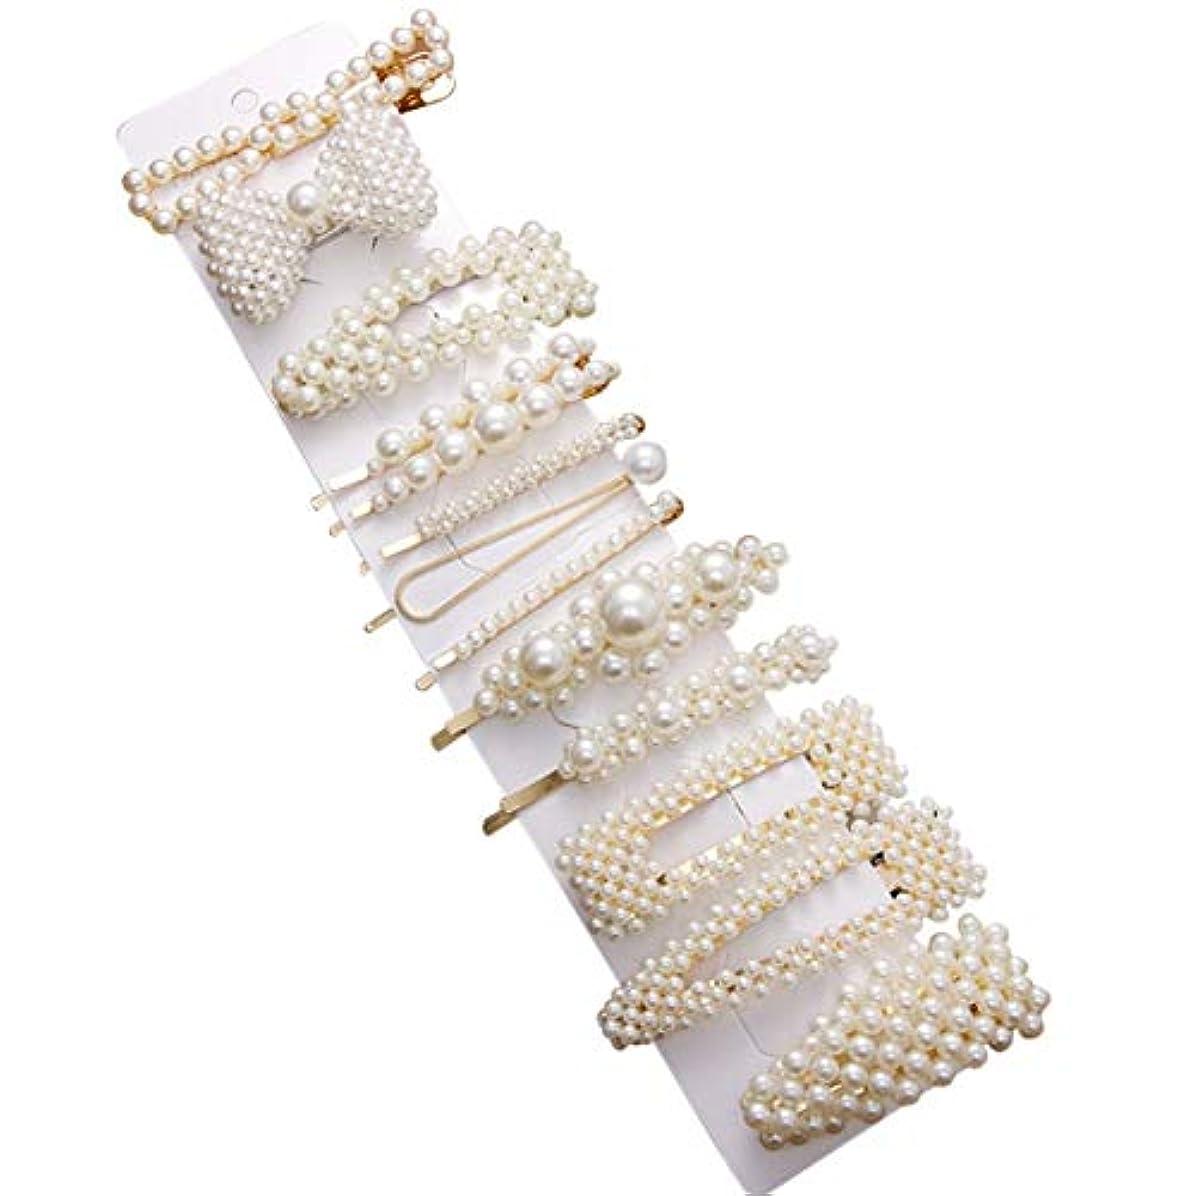 最少中世の自動Intercoreyファッション女性女の子エレガント真珠ヘアクリップ甘い帽子髪飾??りヘアピンバレットヘッドバンドヘアアクセサリー